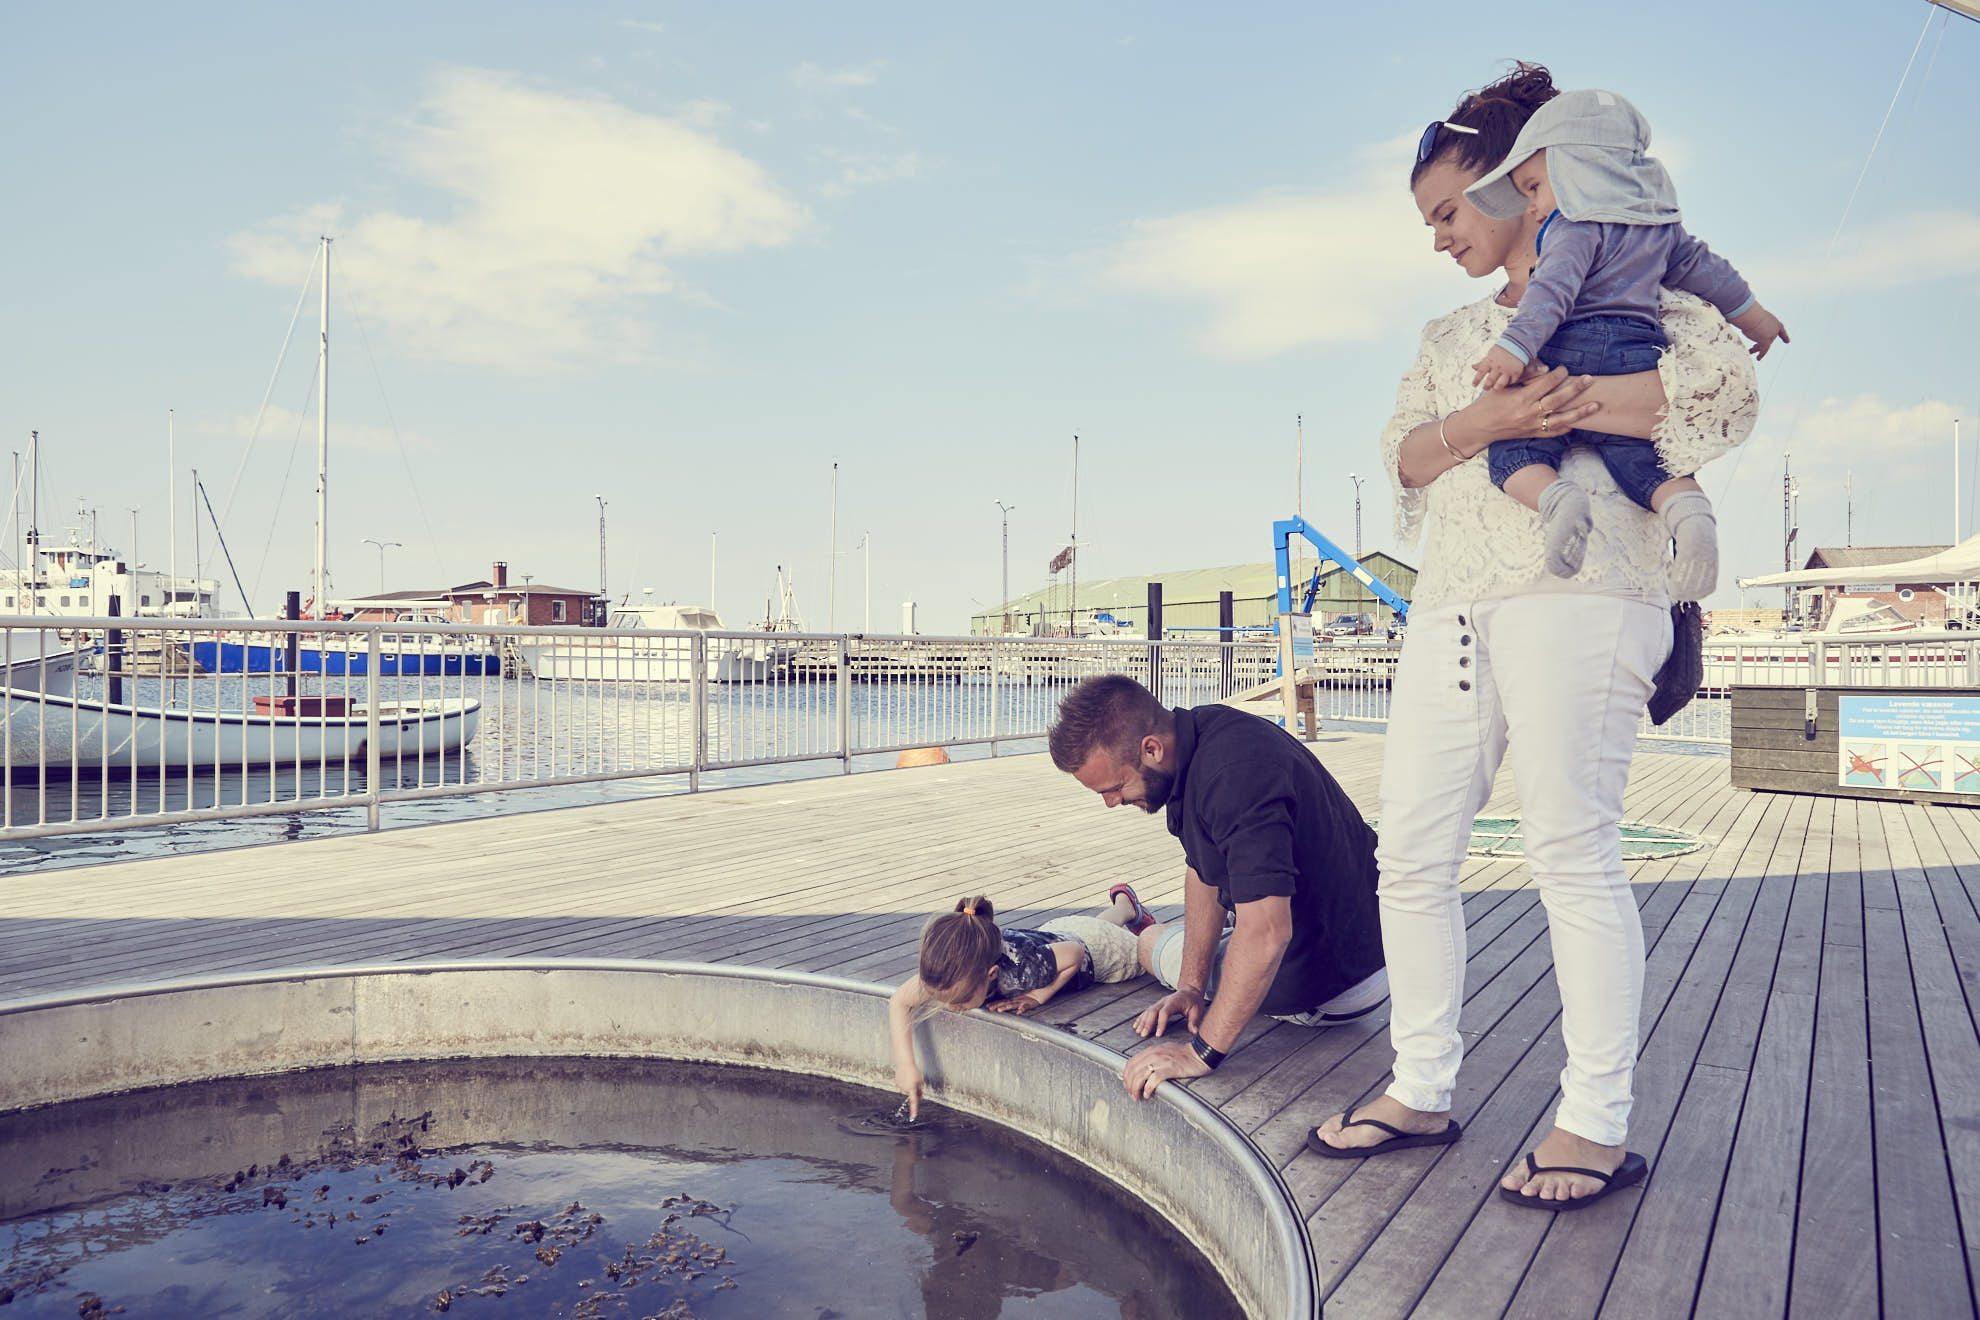 Klap en fisk - en af aktivteterne på havnen